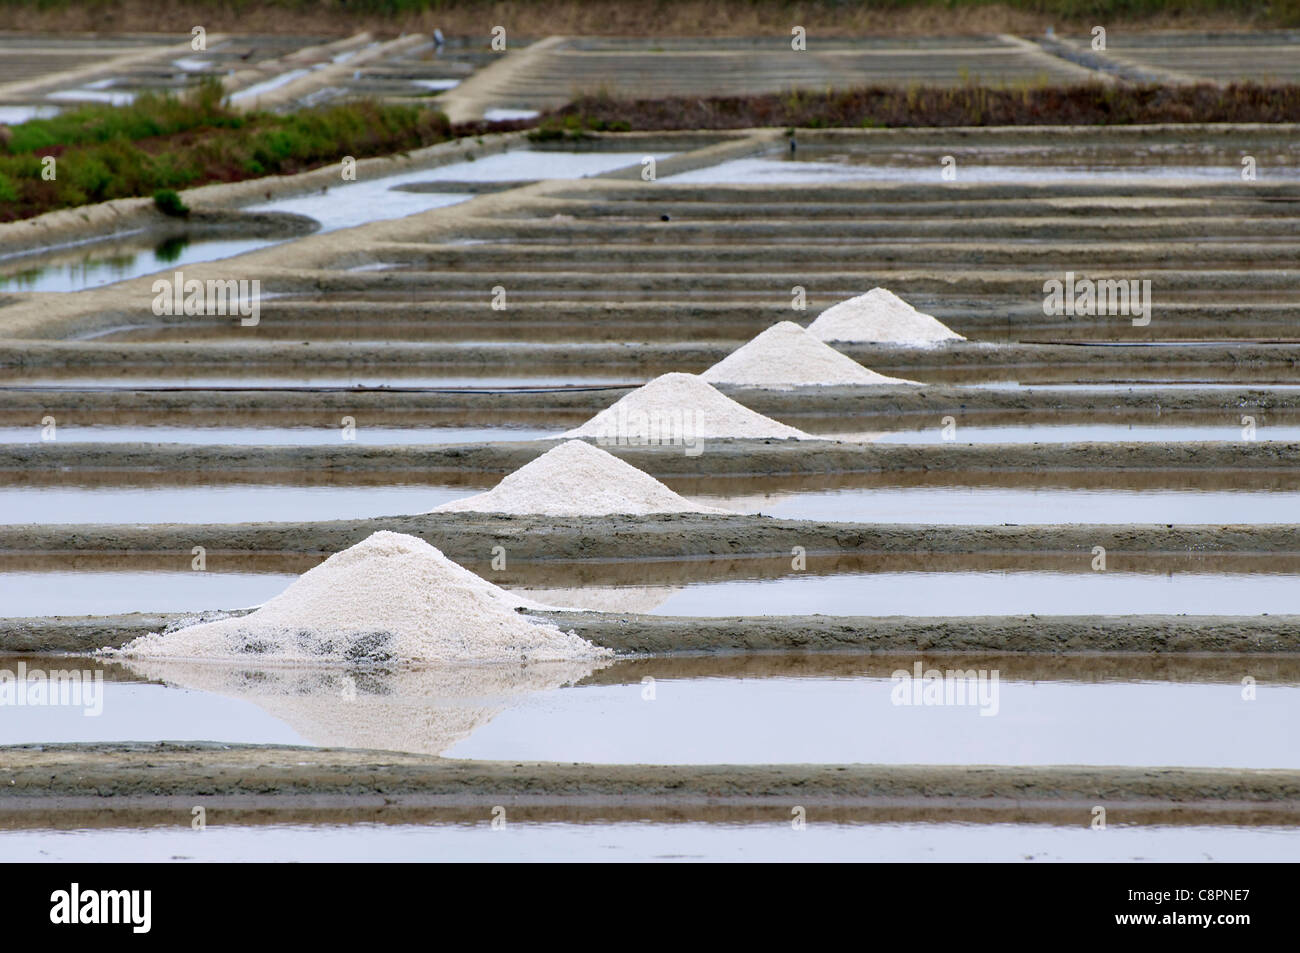 Fleur de sel (hand-harvested sea salt) skimmed of the salt beds close to Pont d'Armes in the Loire-Atlantique - Stock Image